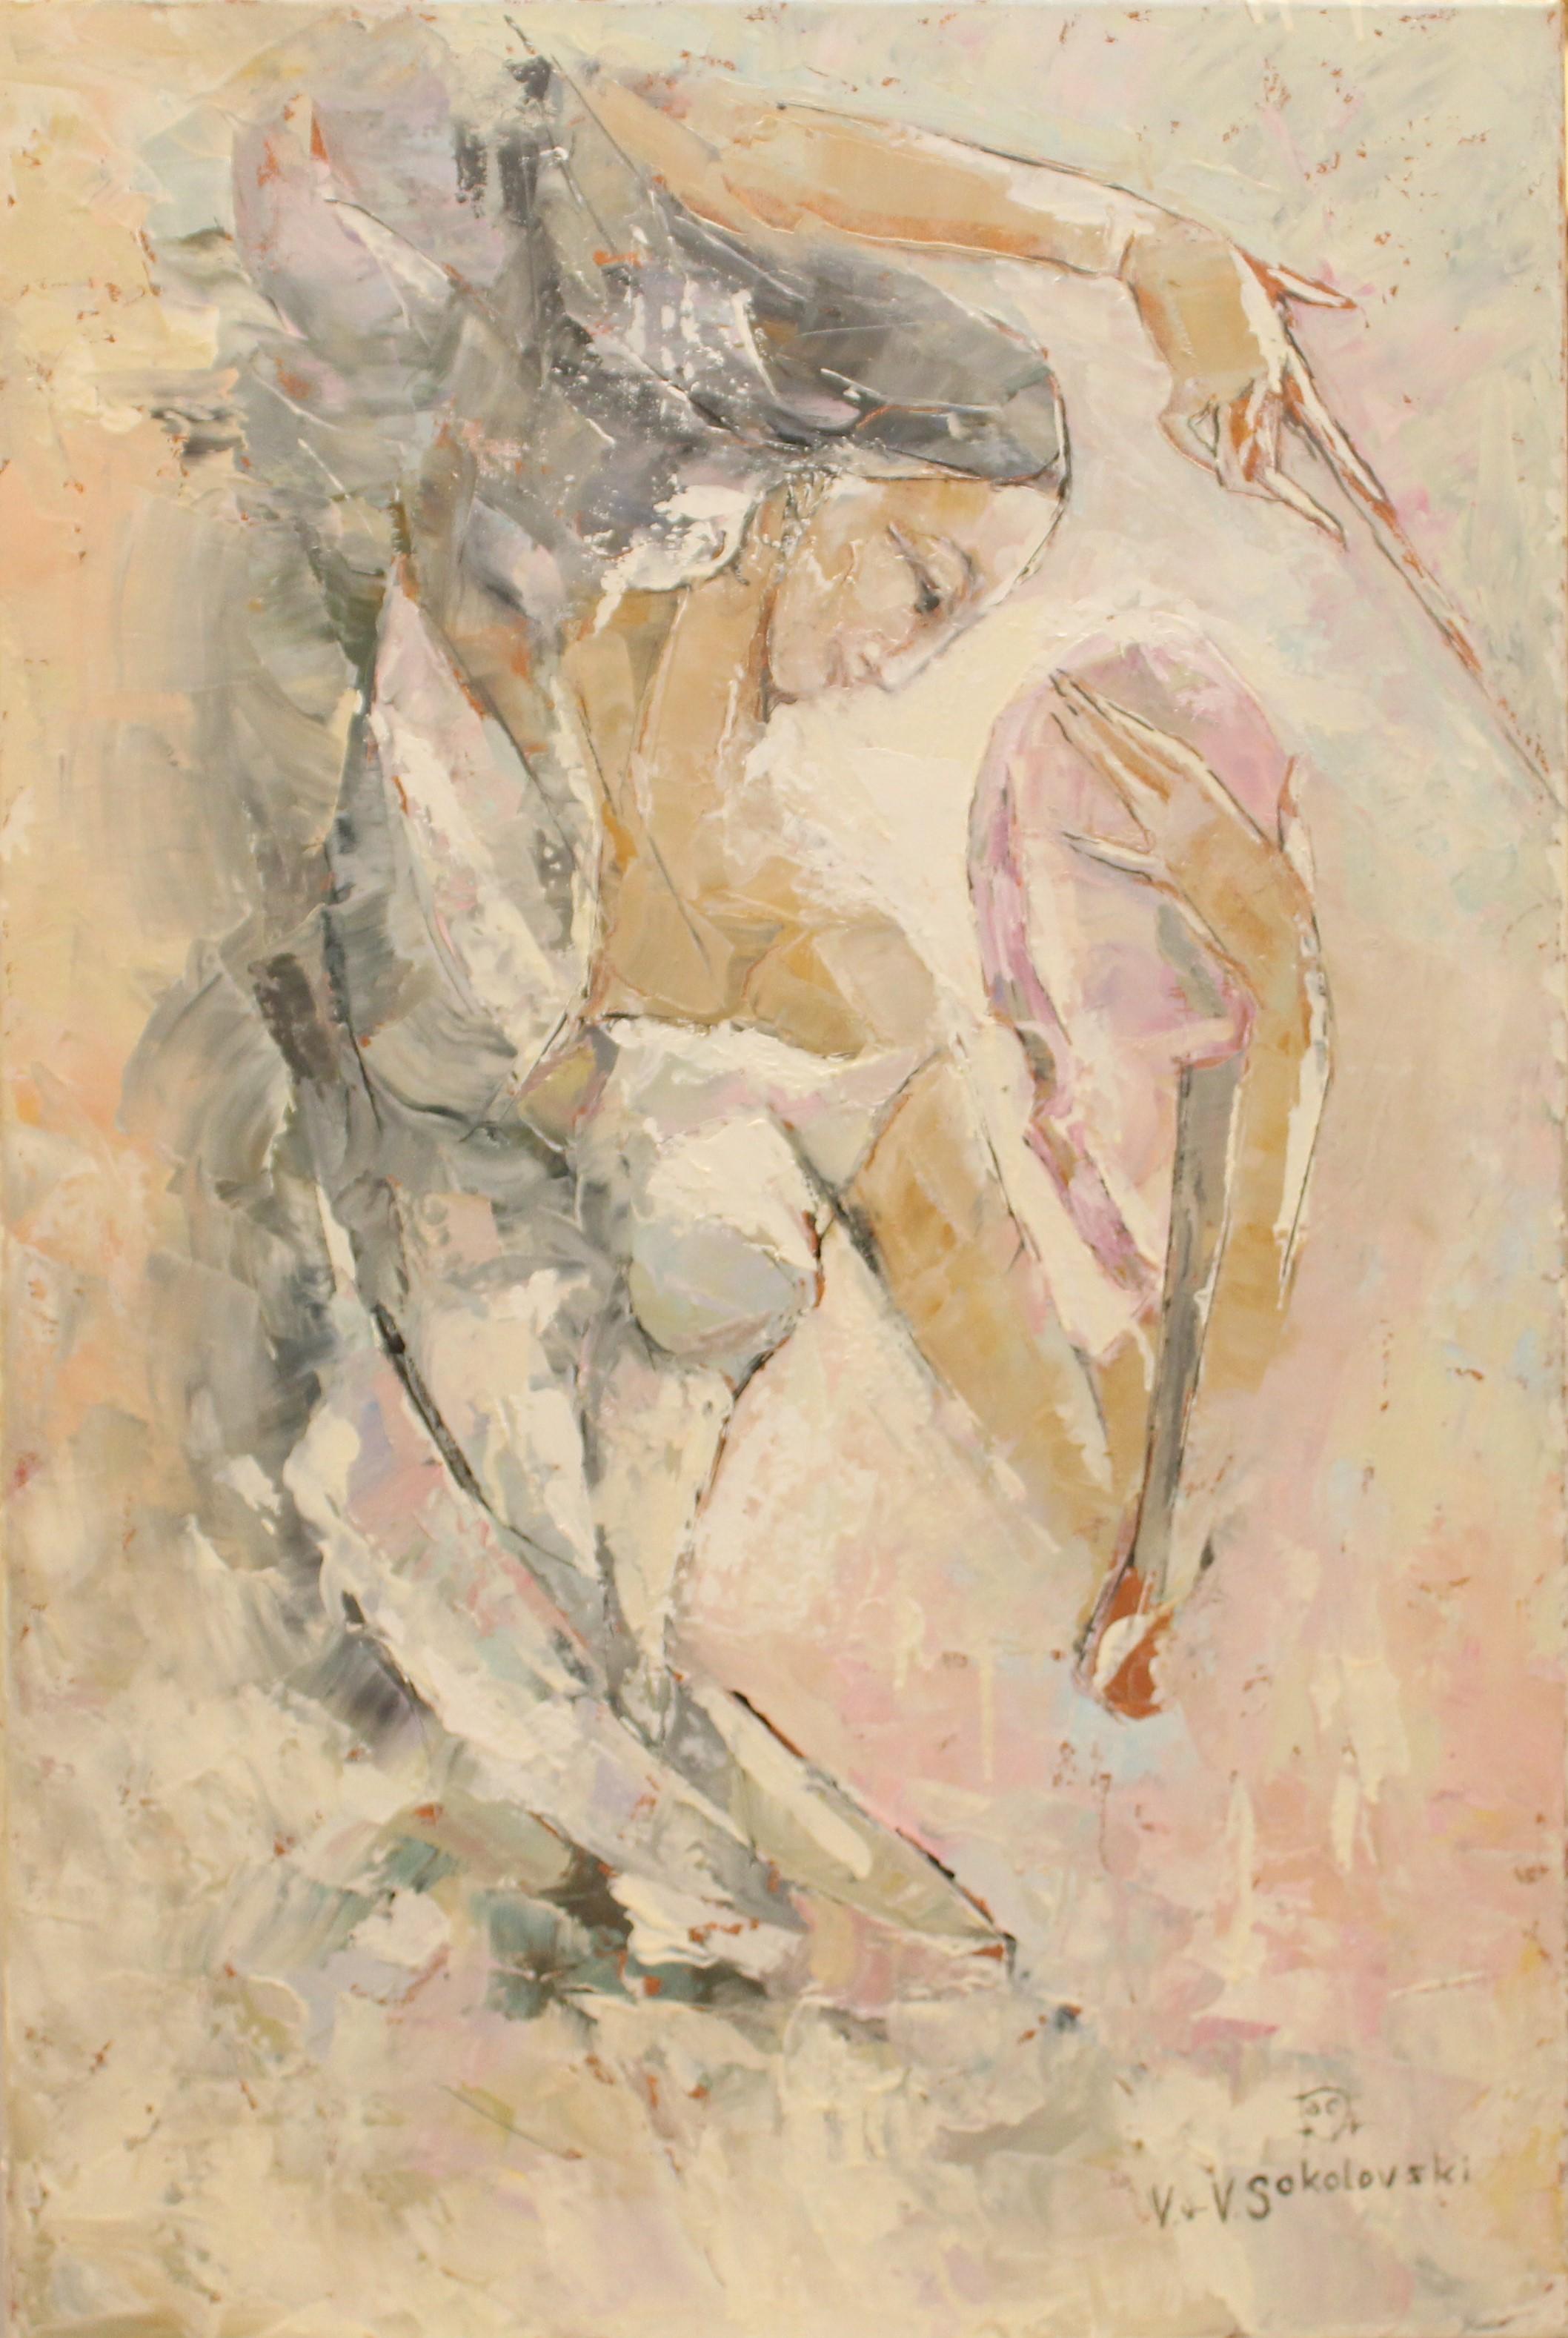 Valeri Sokolovski Minor in White Oil Painting 30x20